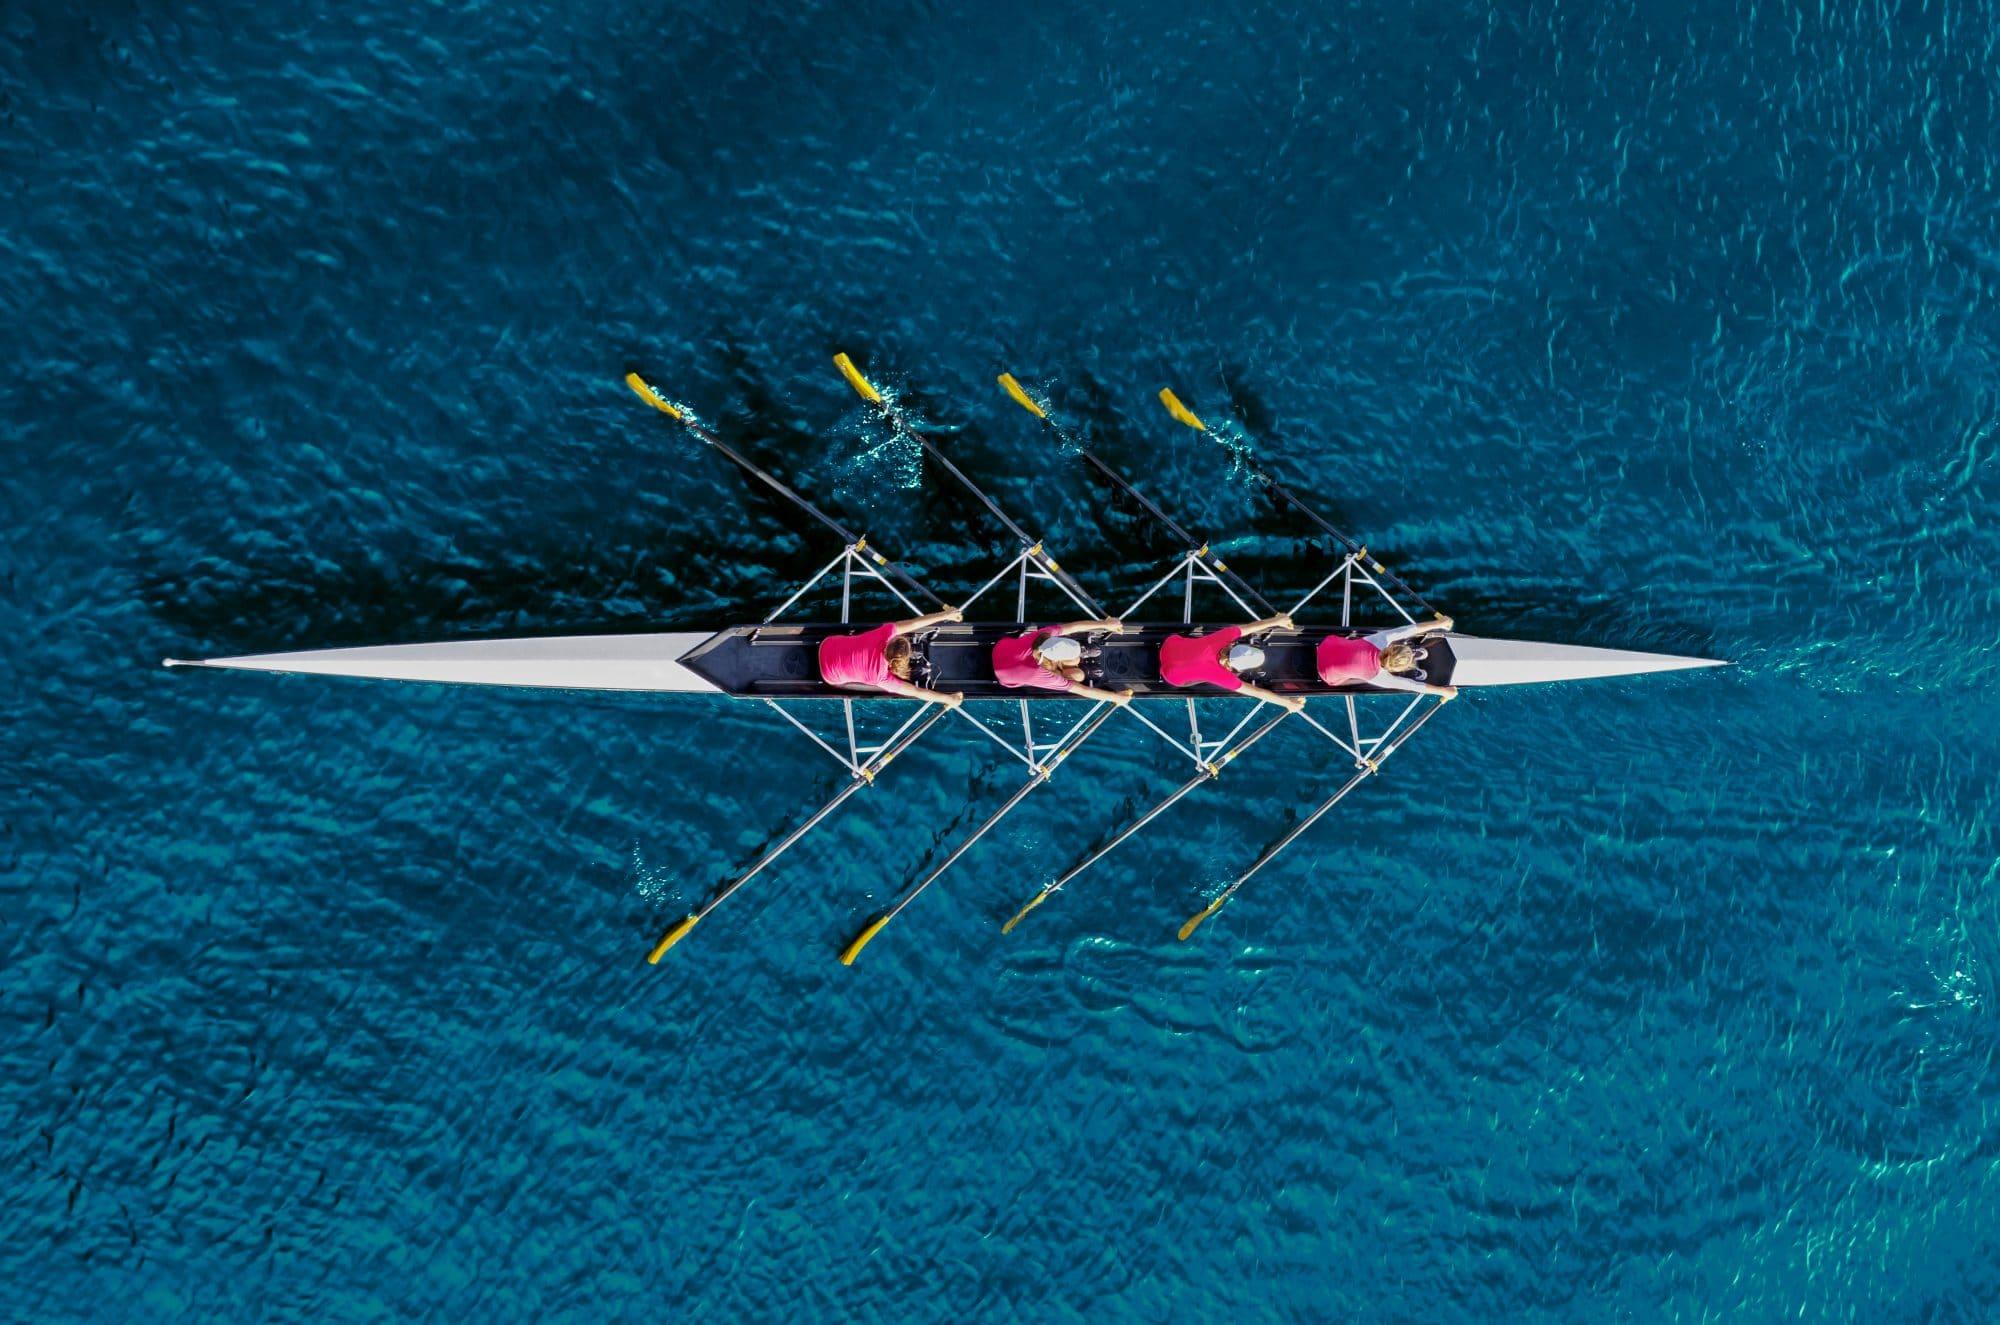 Vue aérienne de quatre personne pratiquant l'aviron